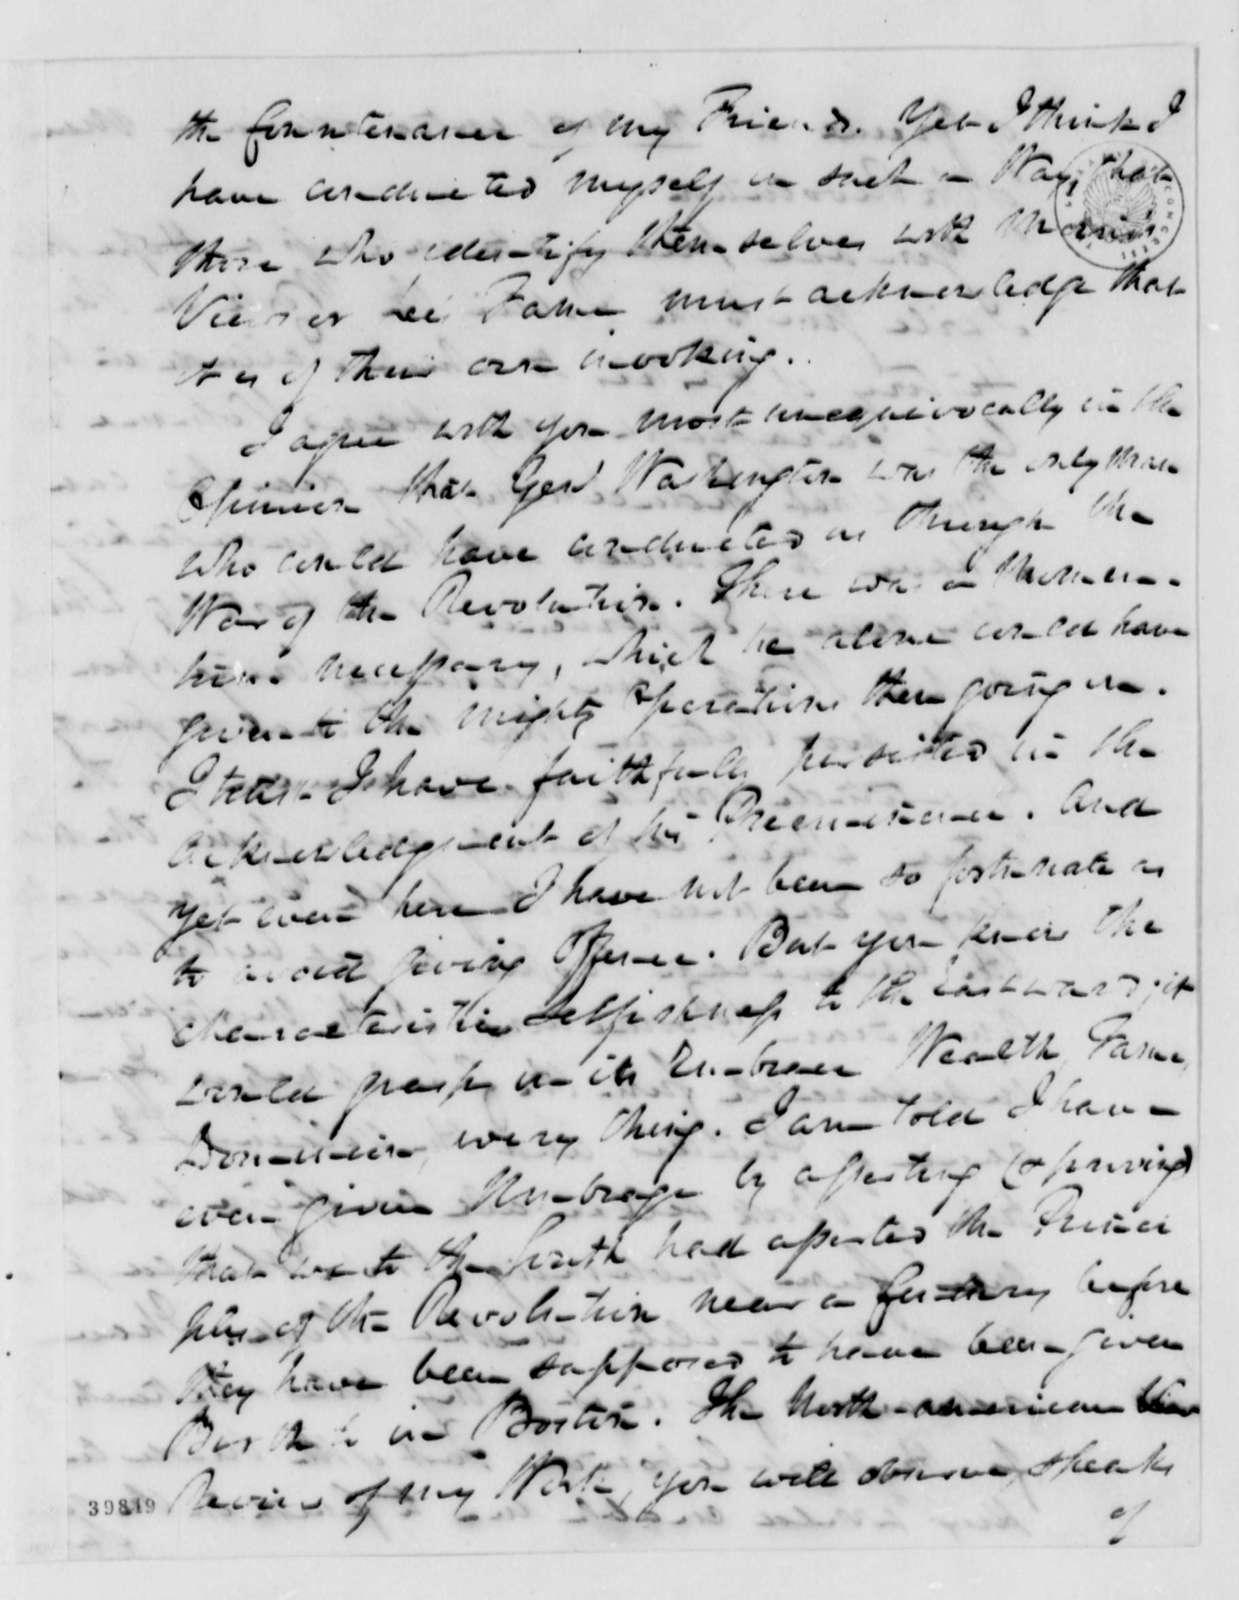 William Johnson to Thomas Jefferson, December 10, 1822